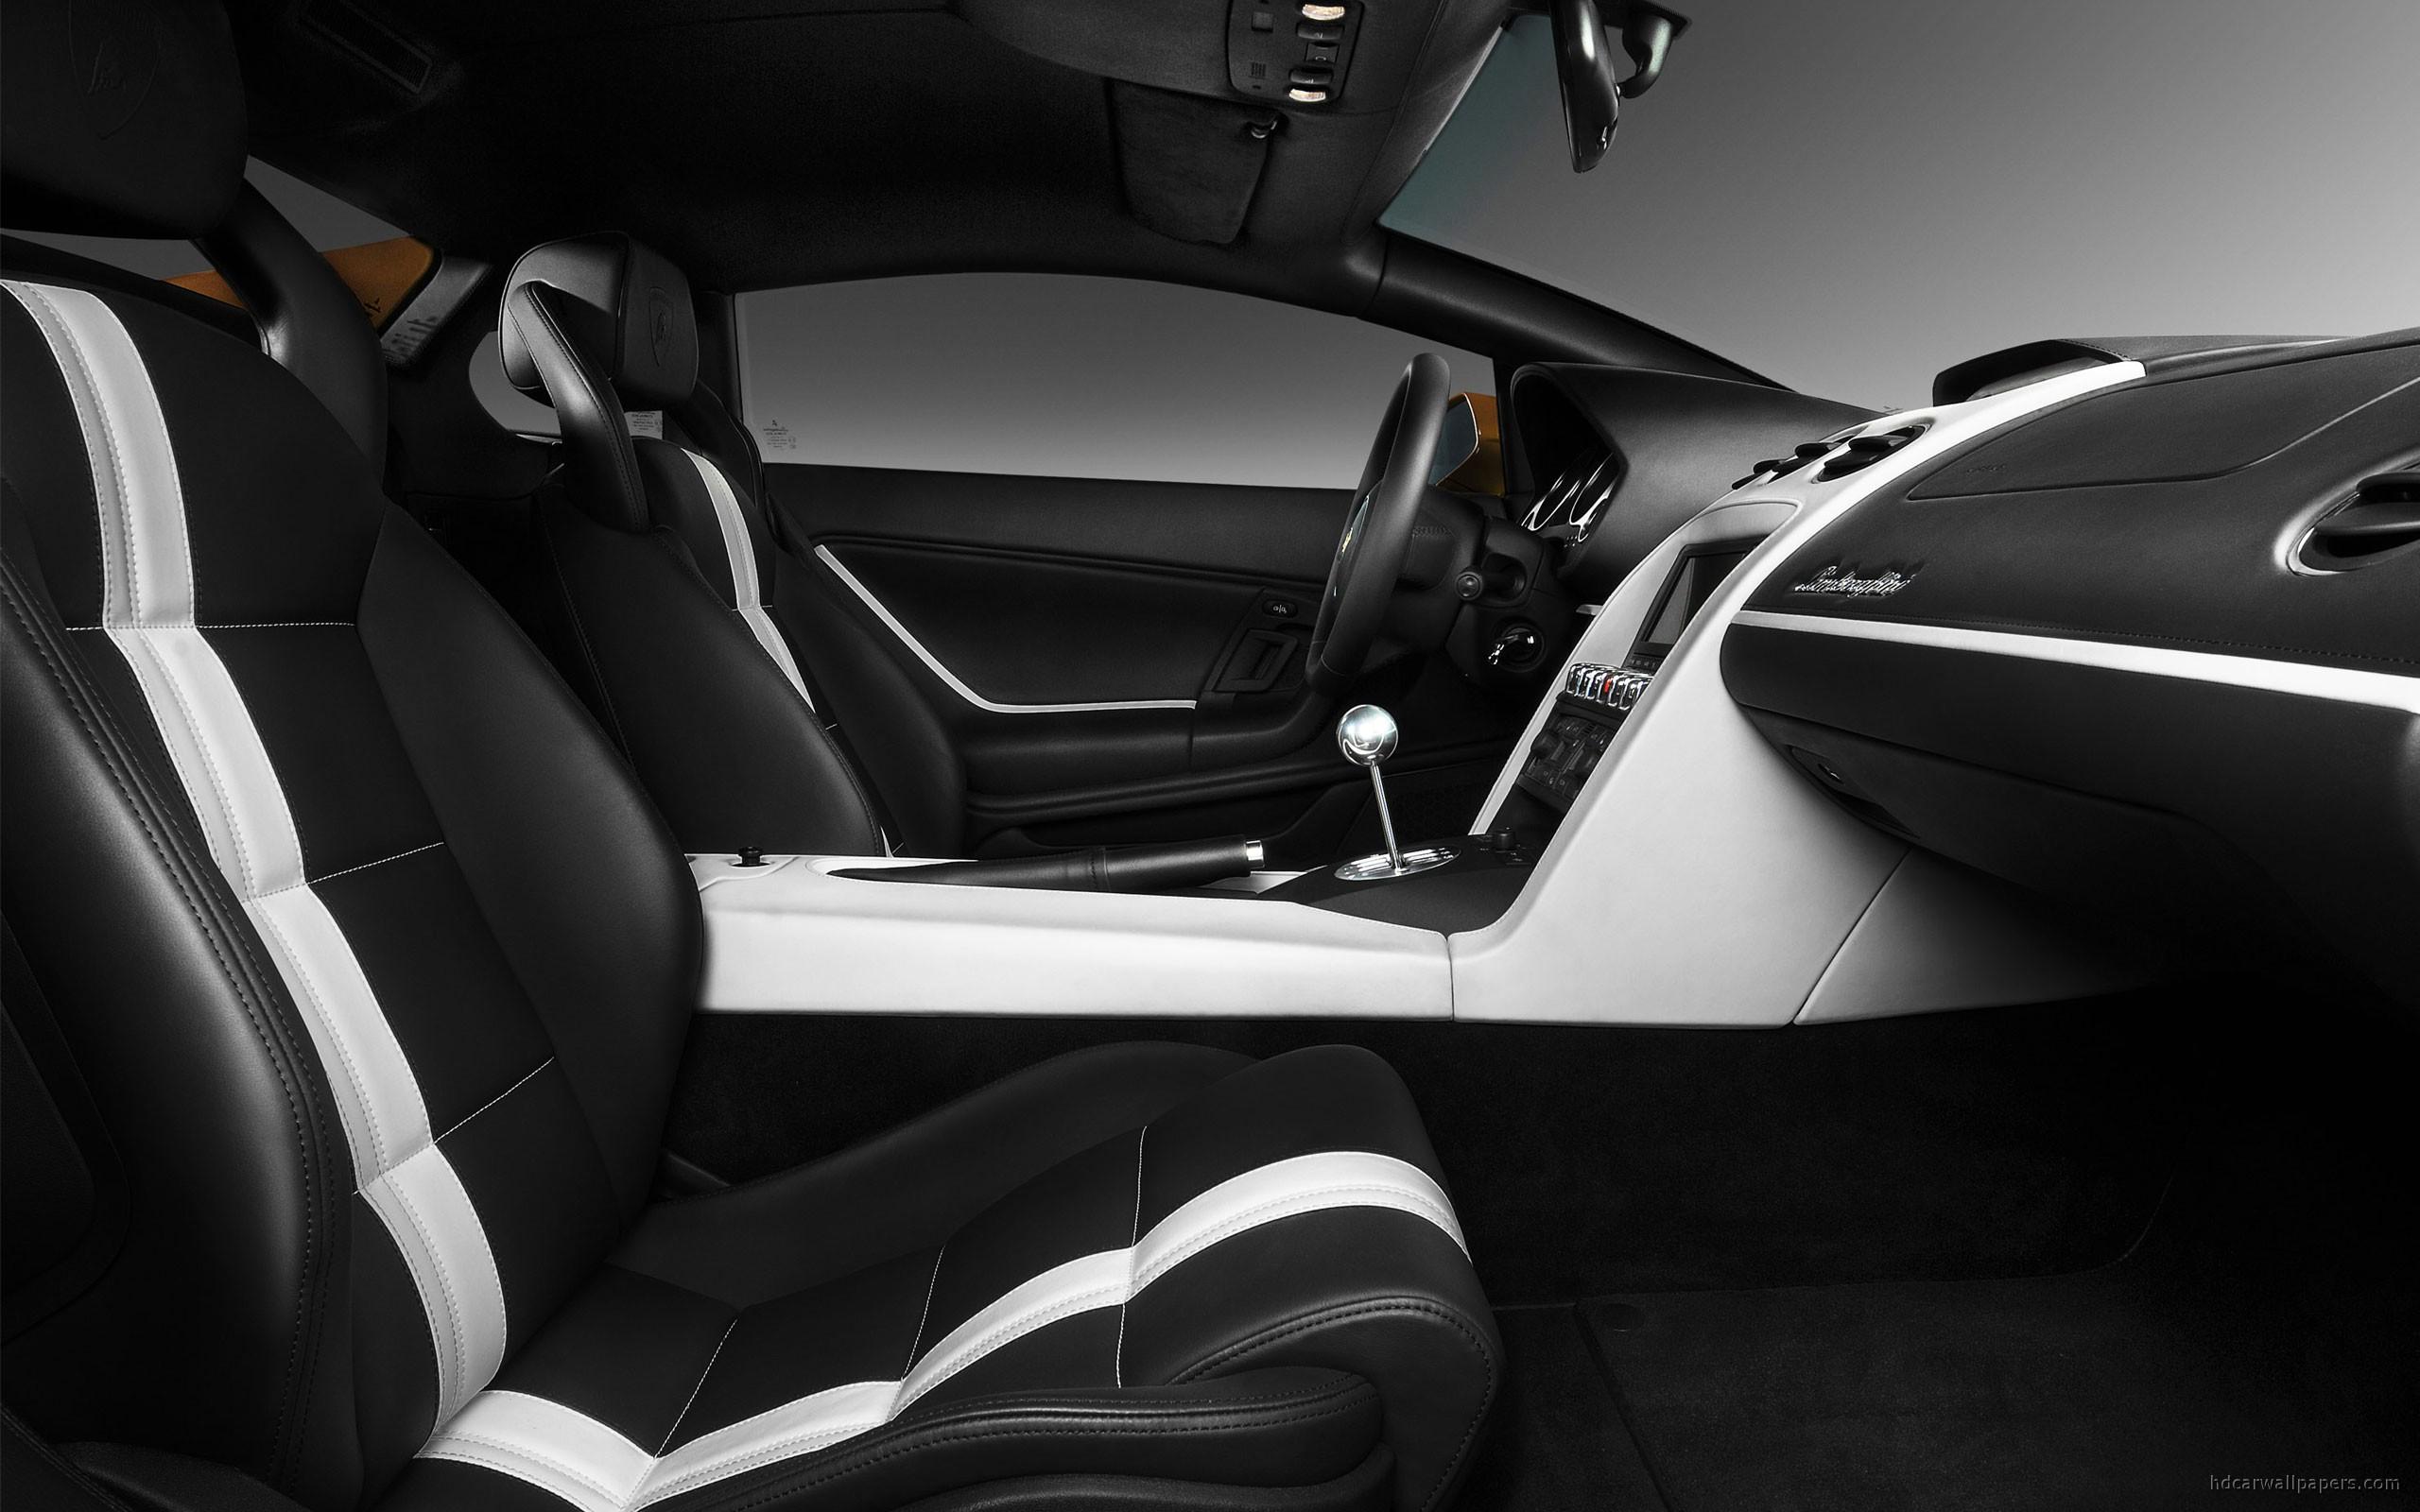 Lamborghini Gallardo Valentino Interior Wallpaper | HD Car ...